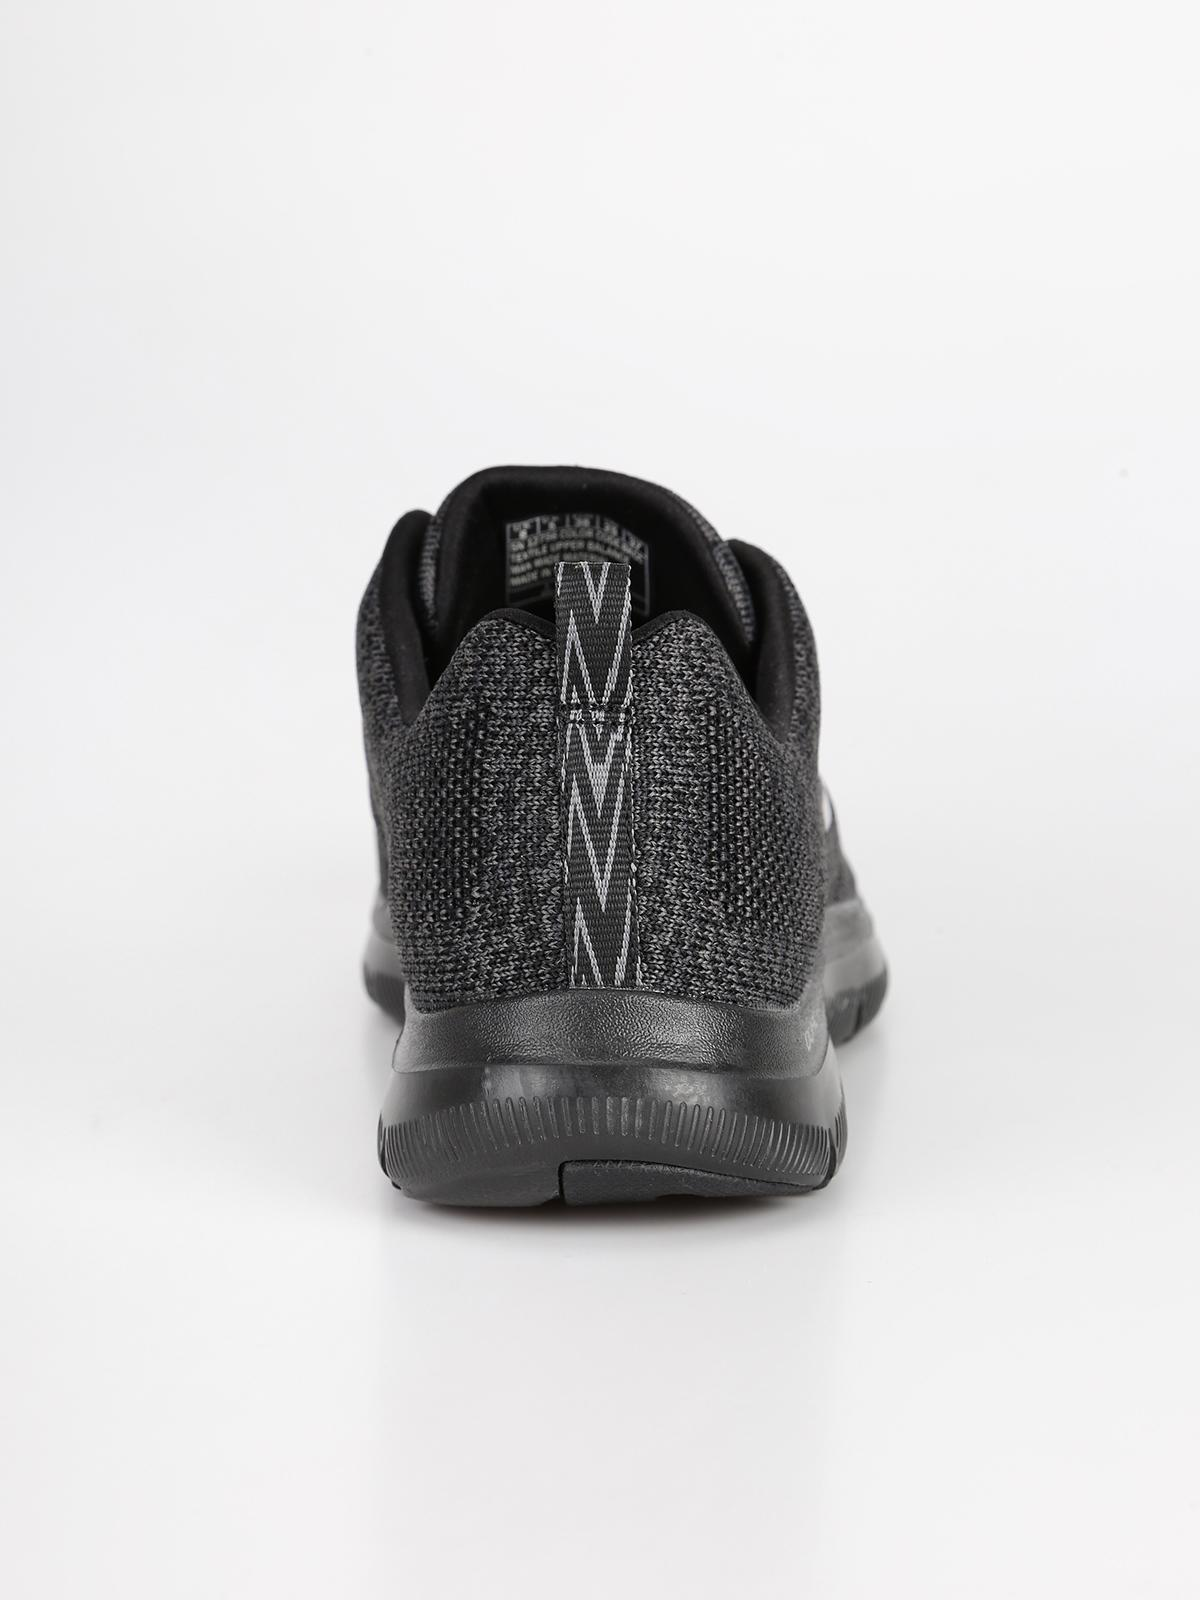 Zapatillas deportivas Flex appeal 2.0 high energy Negro